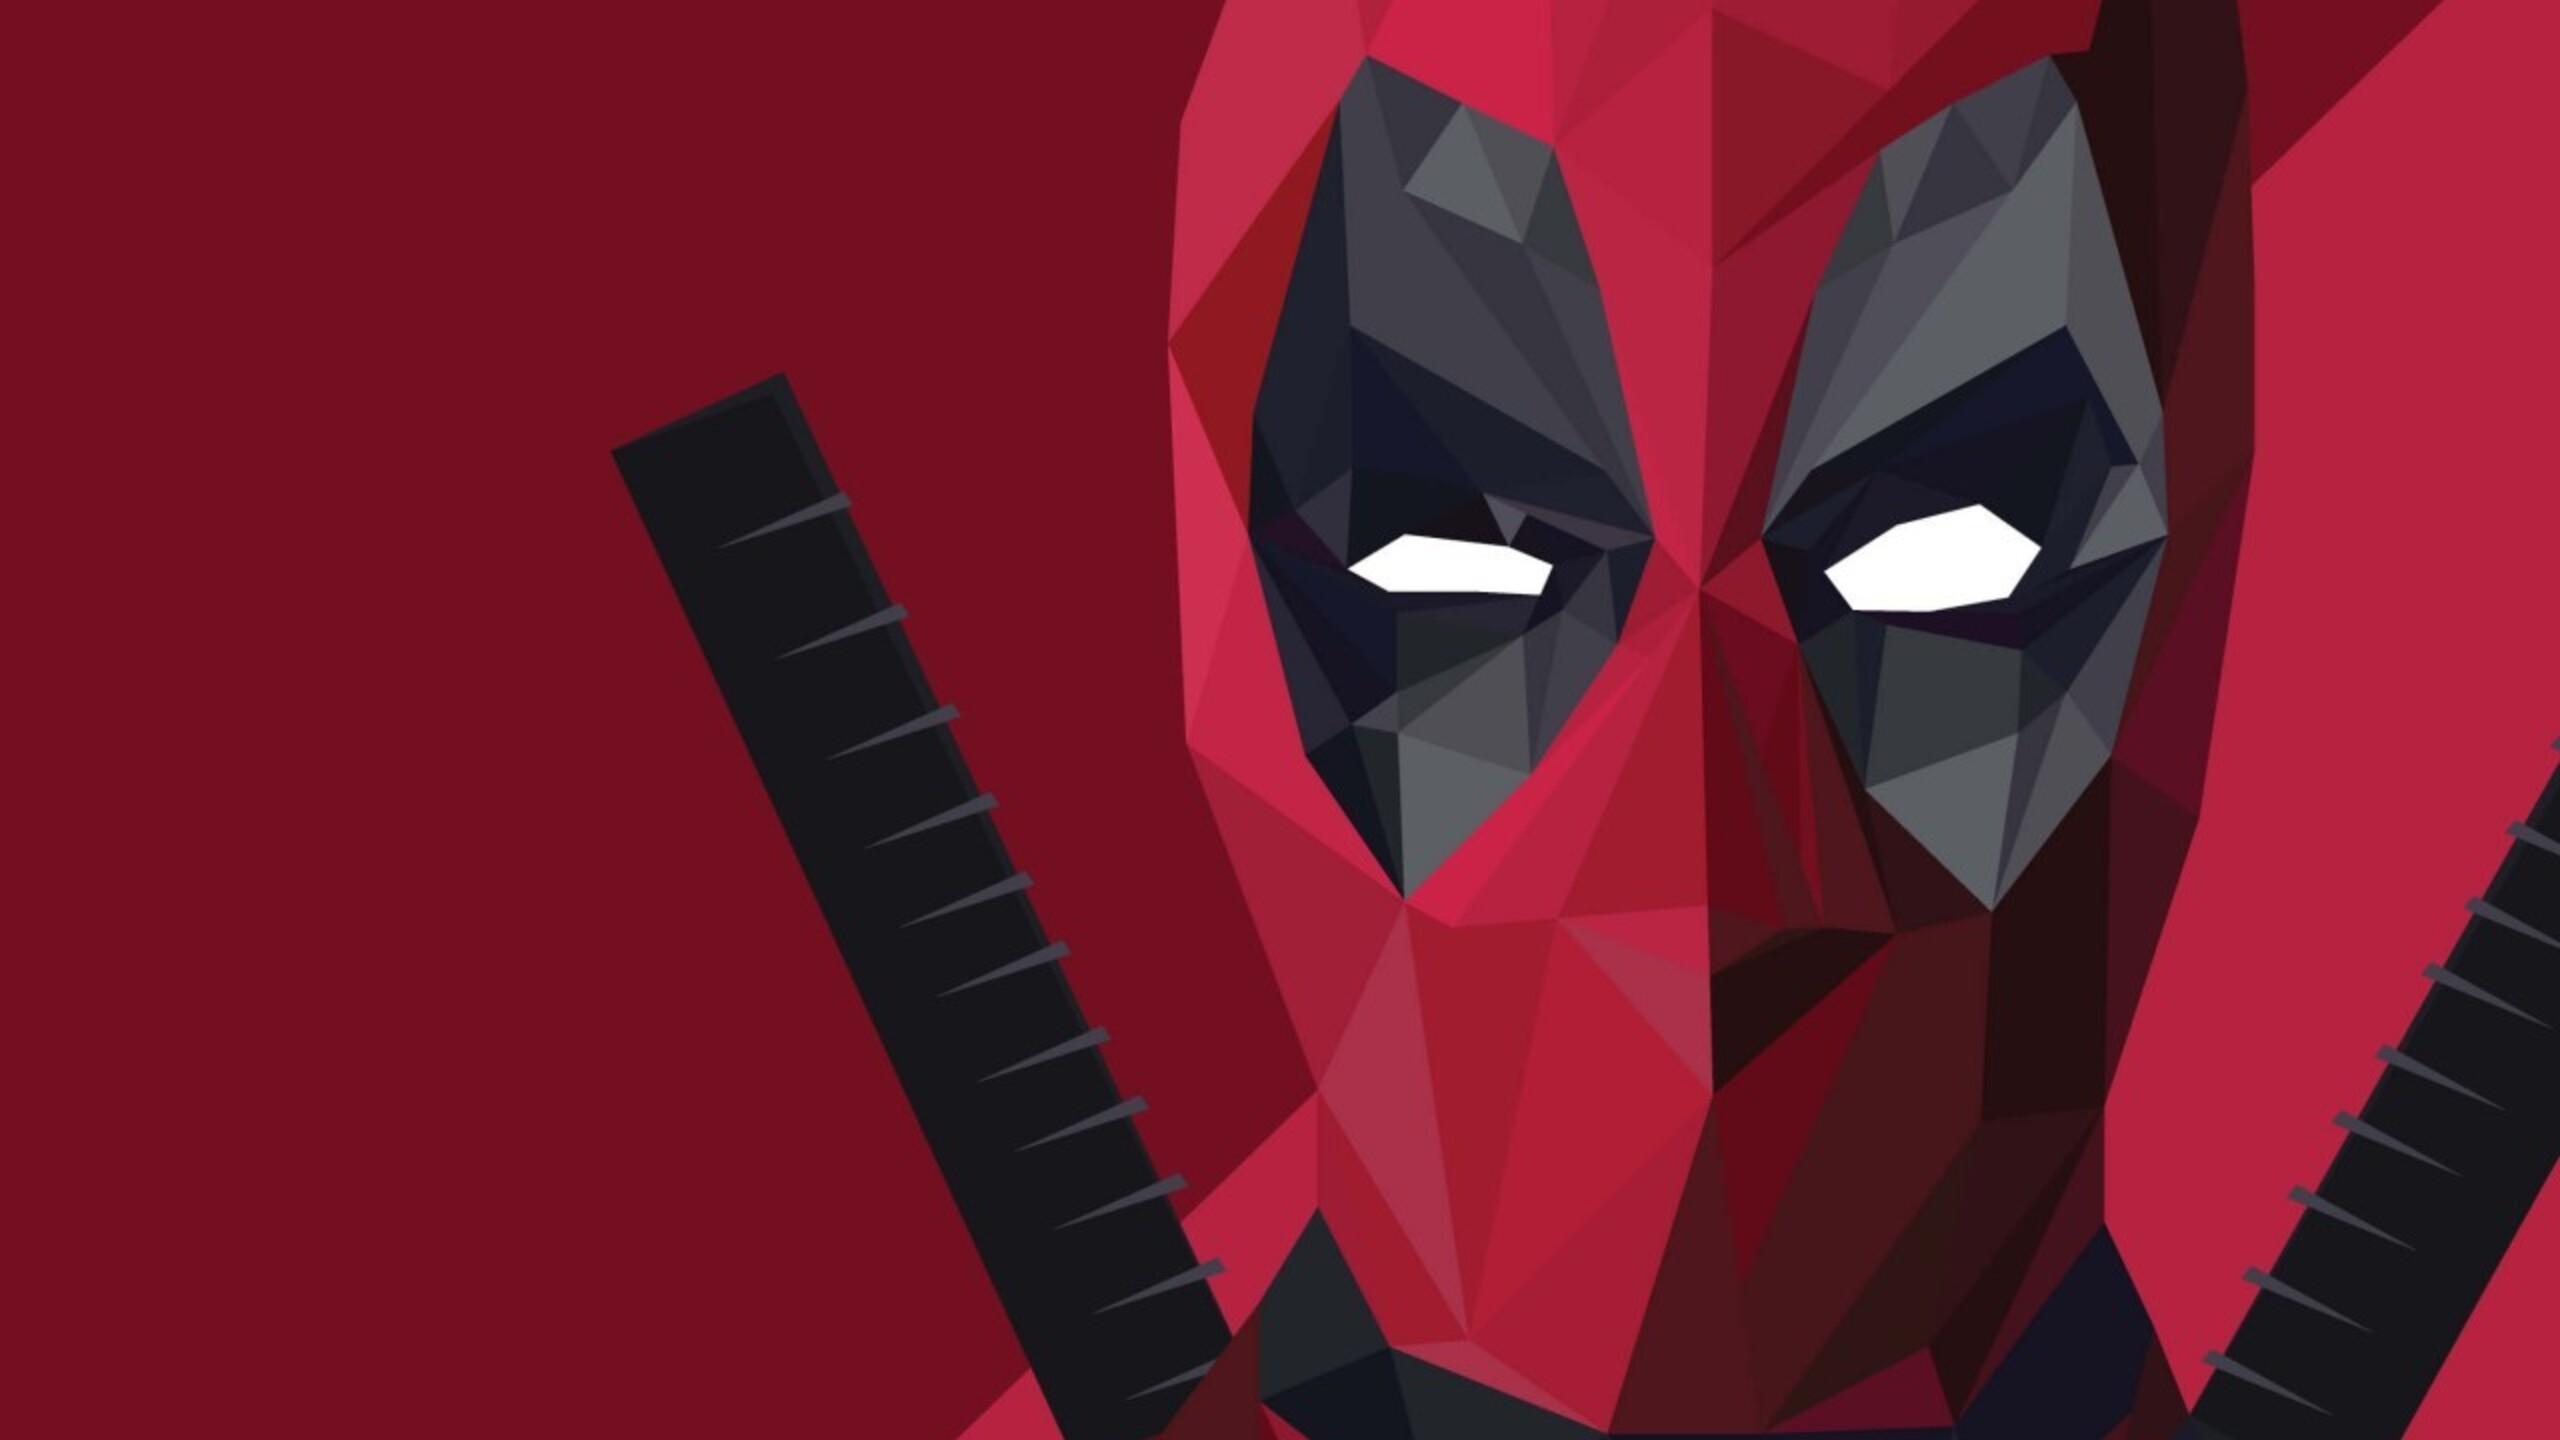 Superhero Girls Wallpaper 2048x 2560x1440 Deadpool Abstract Art 1440p Resolution Hd 4k